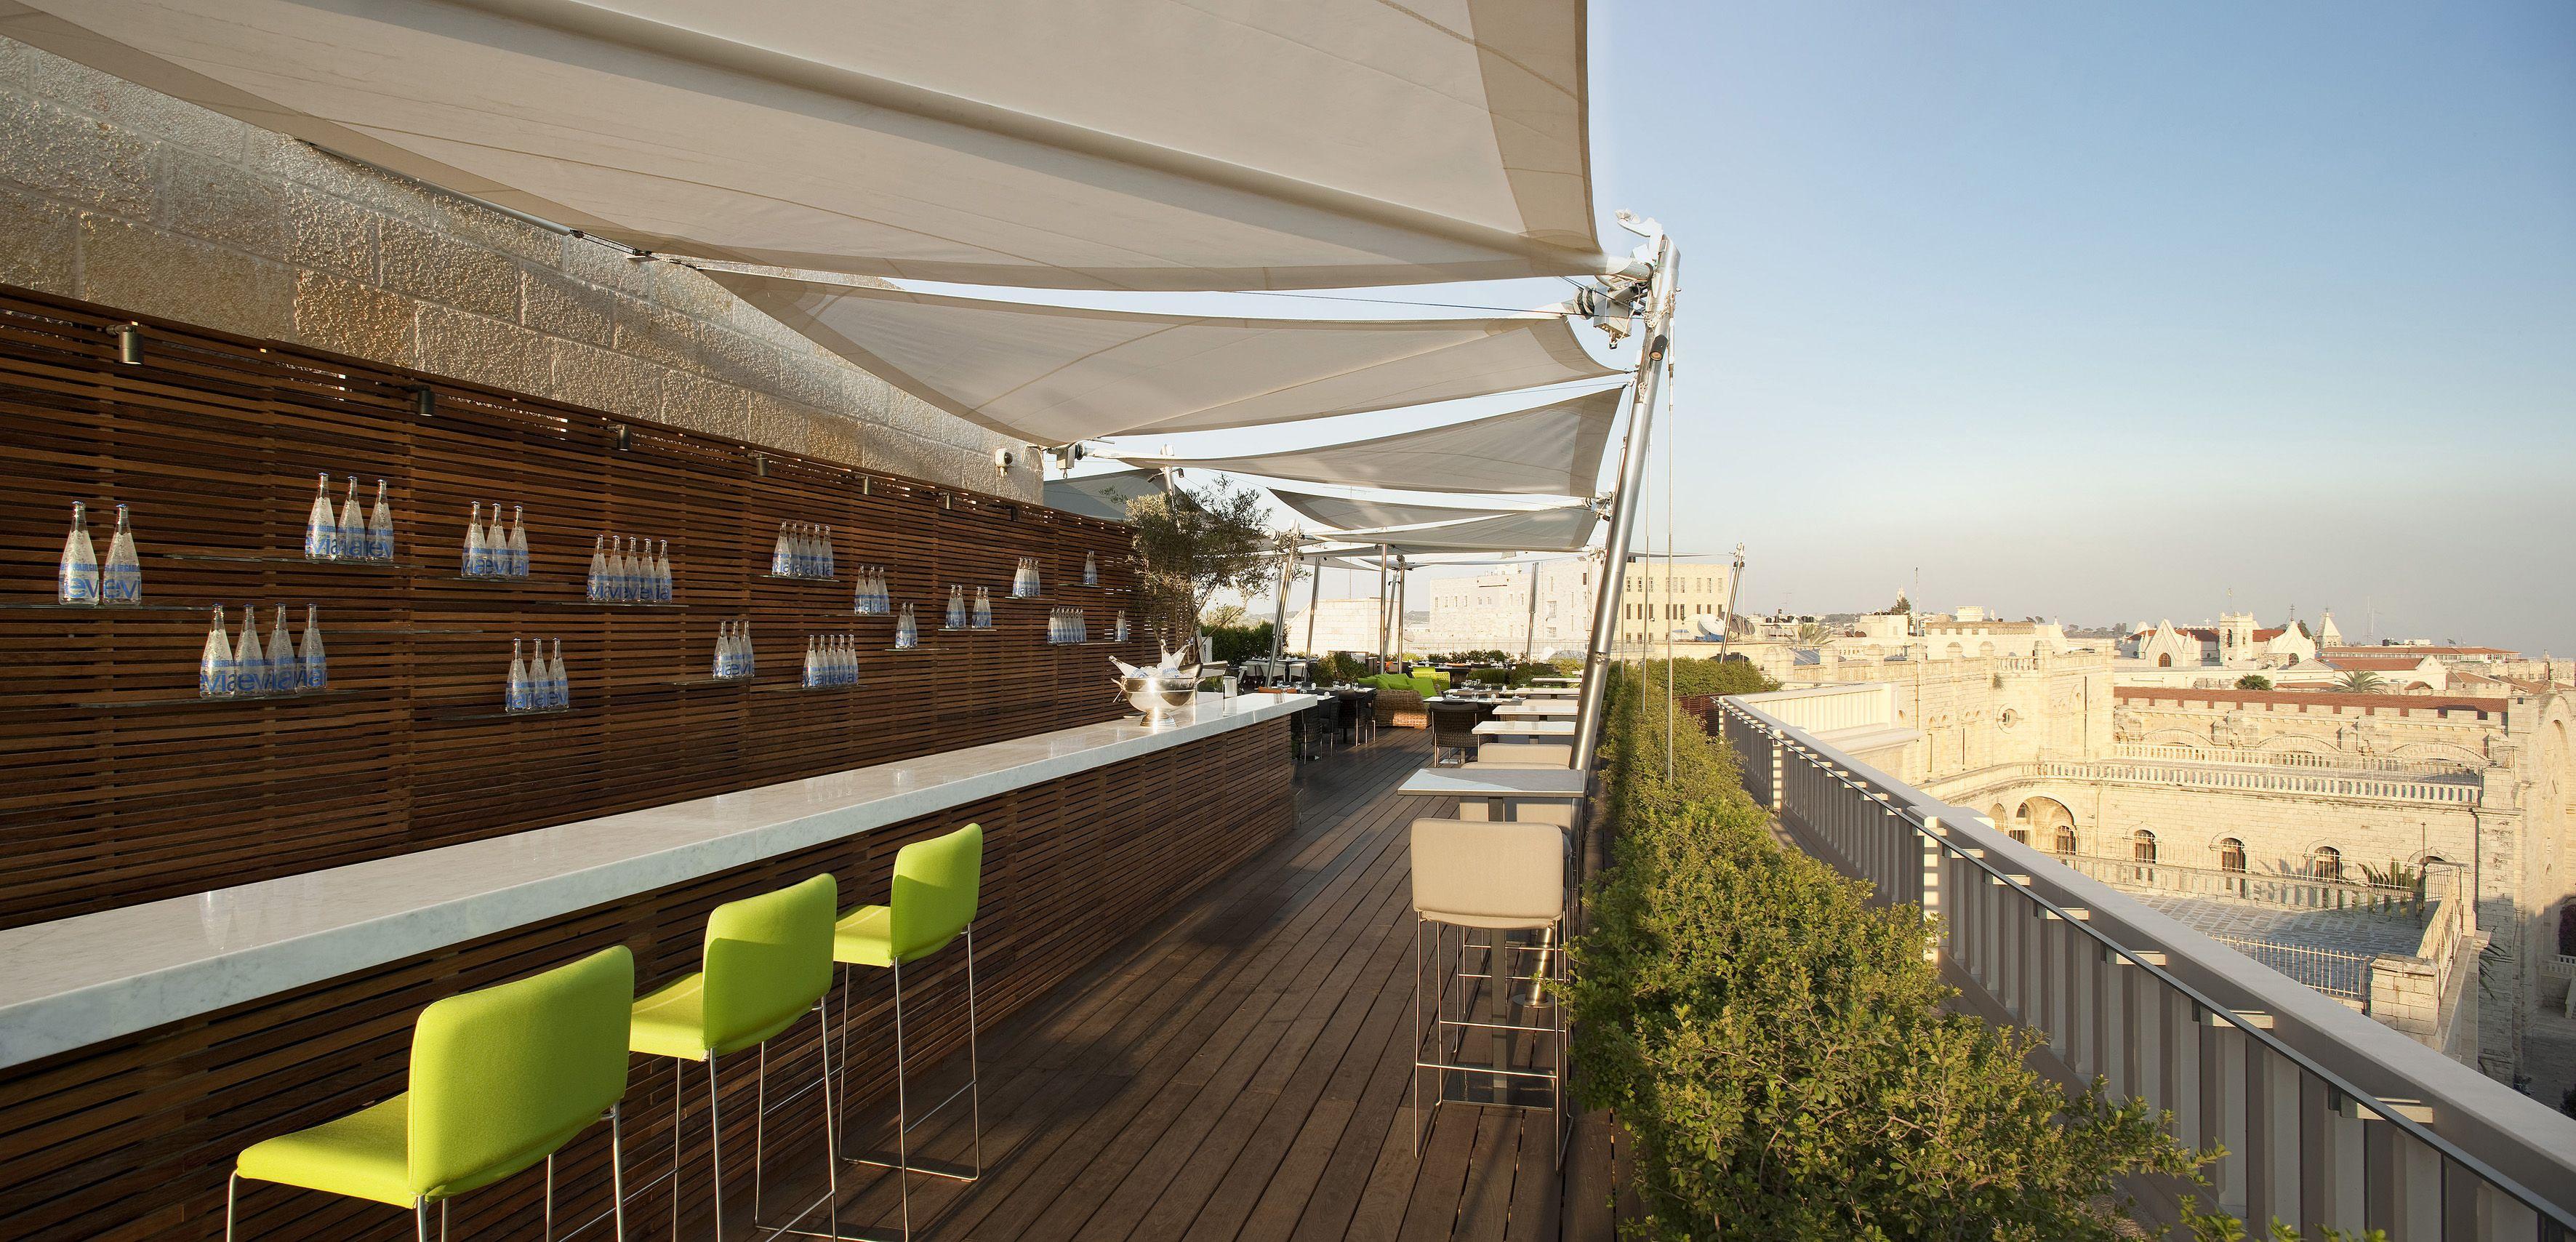 Gewaltig Sonnenschutz Dachterrasse Foto Von Moderne Sonnensegel Designs Bieten In Den Sommertagen